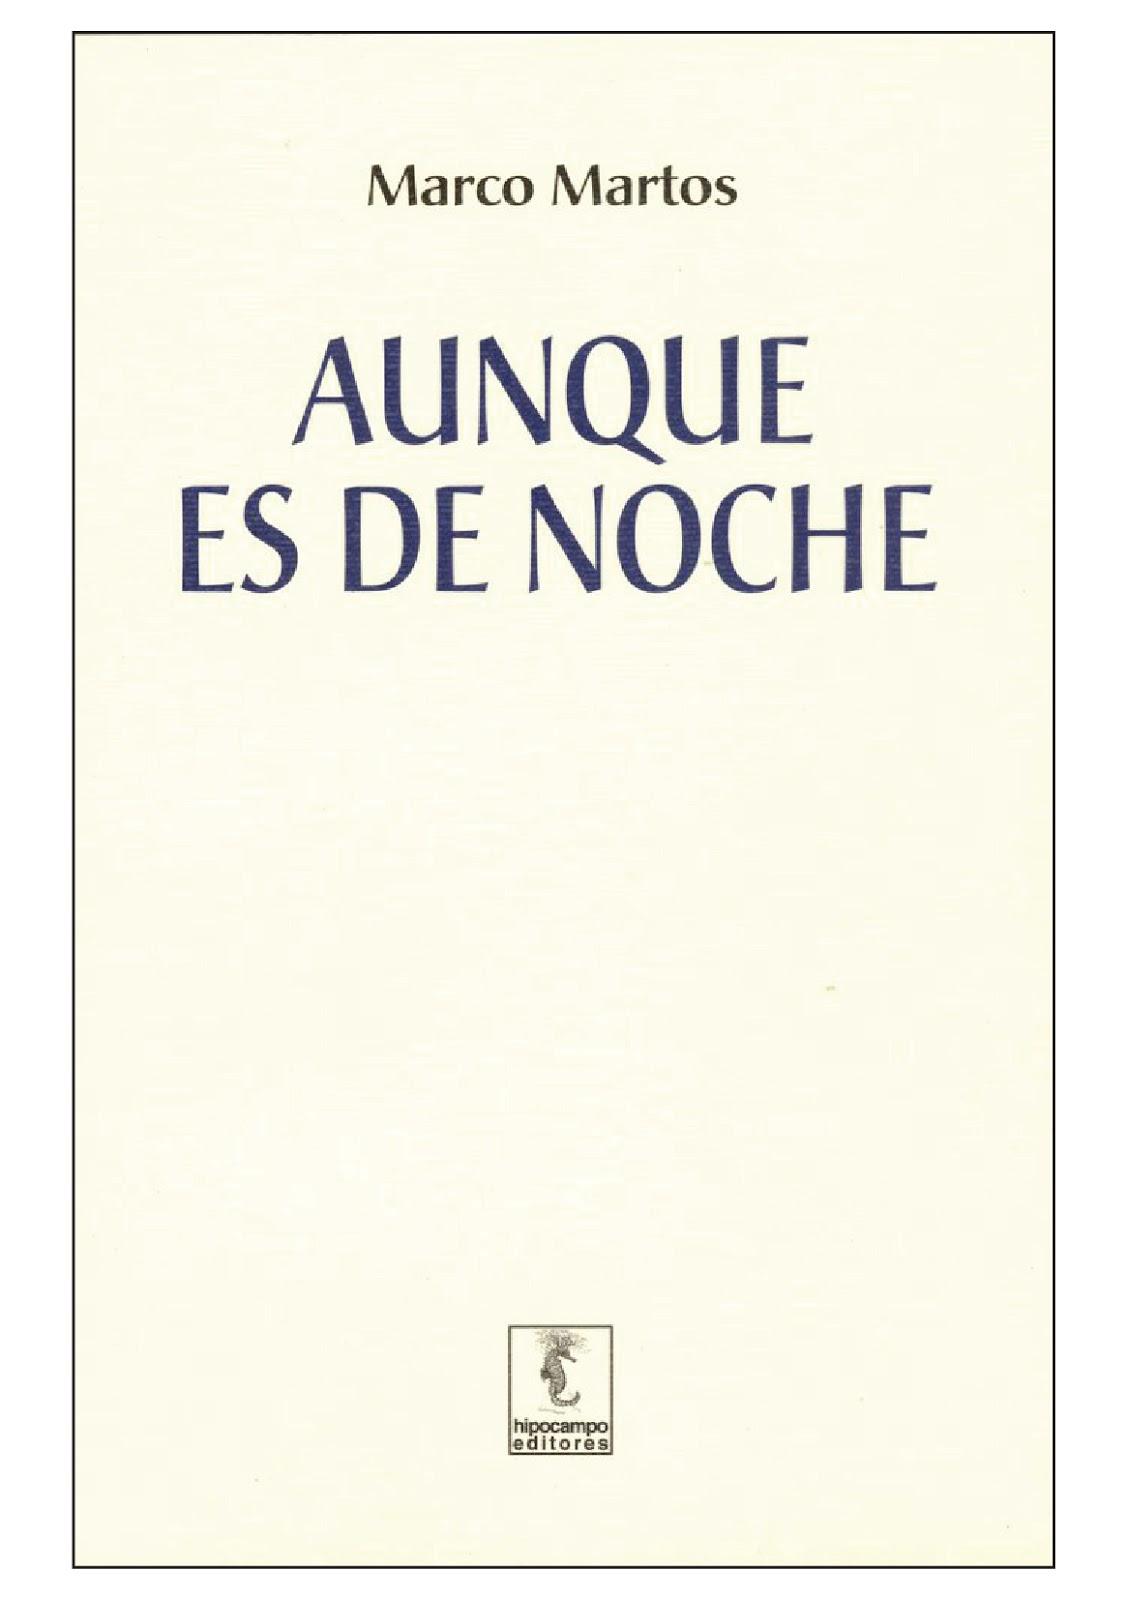 AUNQUE ES DE NOCHE. POESÍA DE MARCO MARTOS | Hipocampo Editores